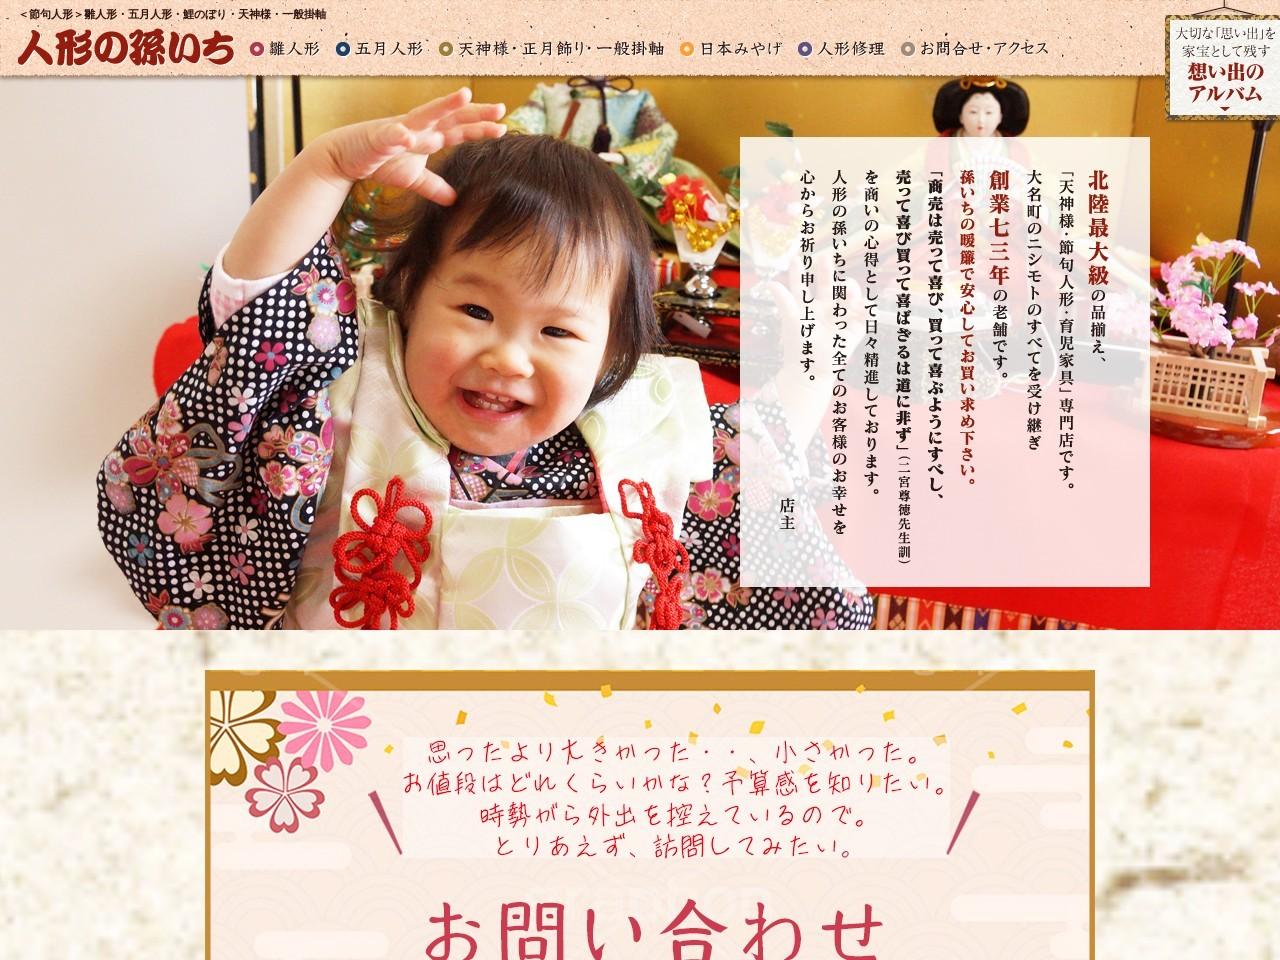 人形の孫いち 福井の節句人形店 | 天神様・雛人形・五月人形